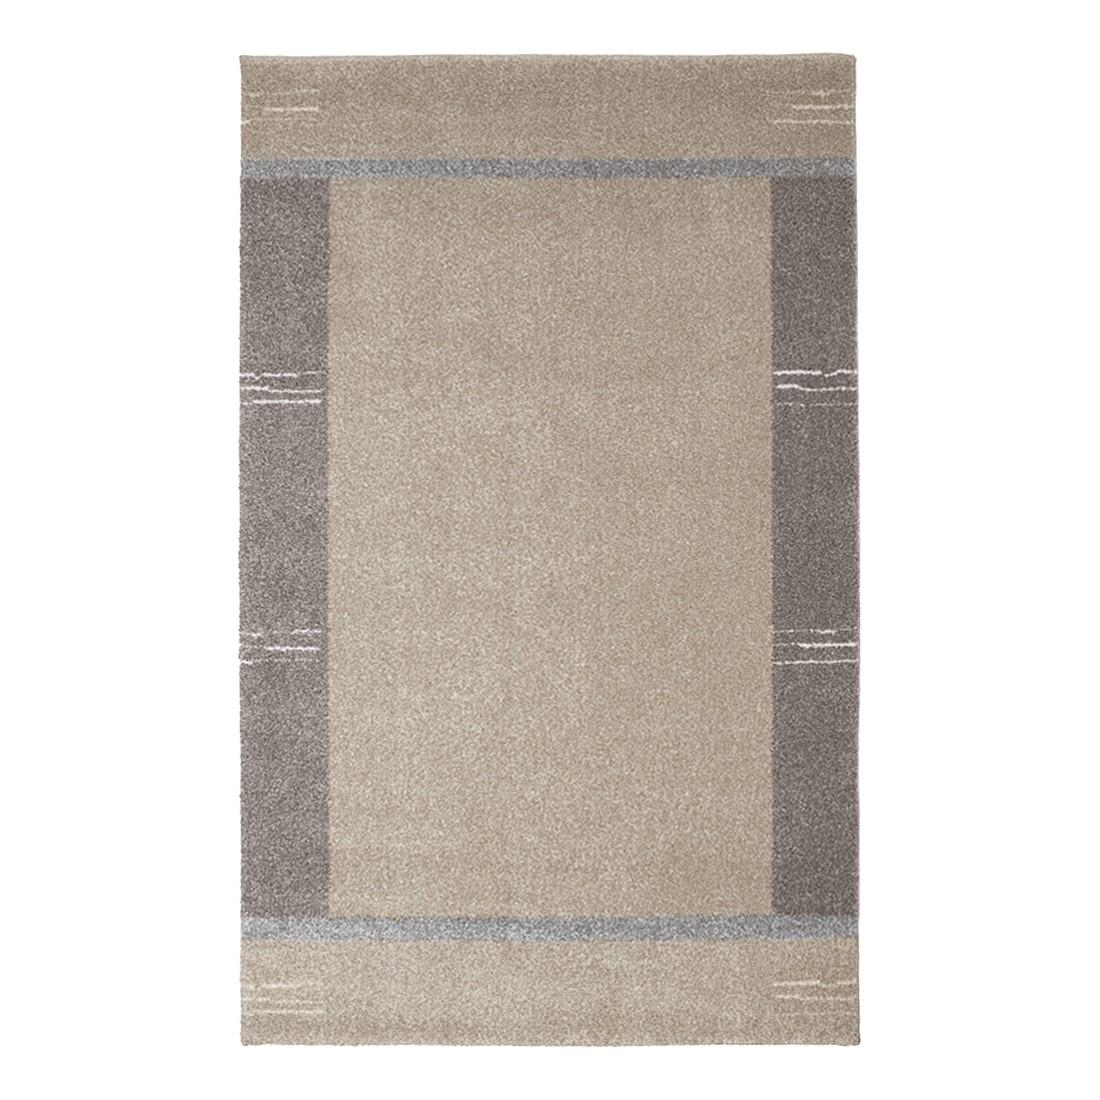 Teppich Samoa III – Beige – 67 x 130 cm, Astra online bestellen